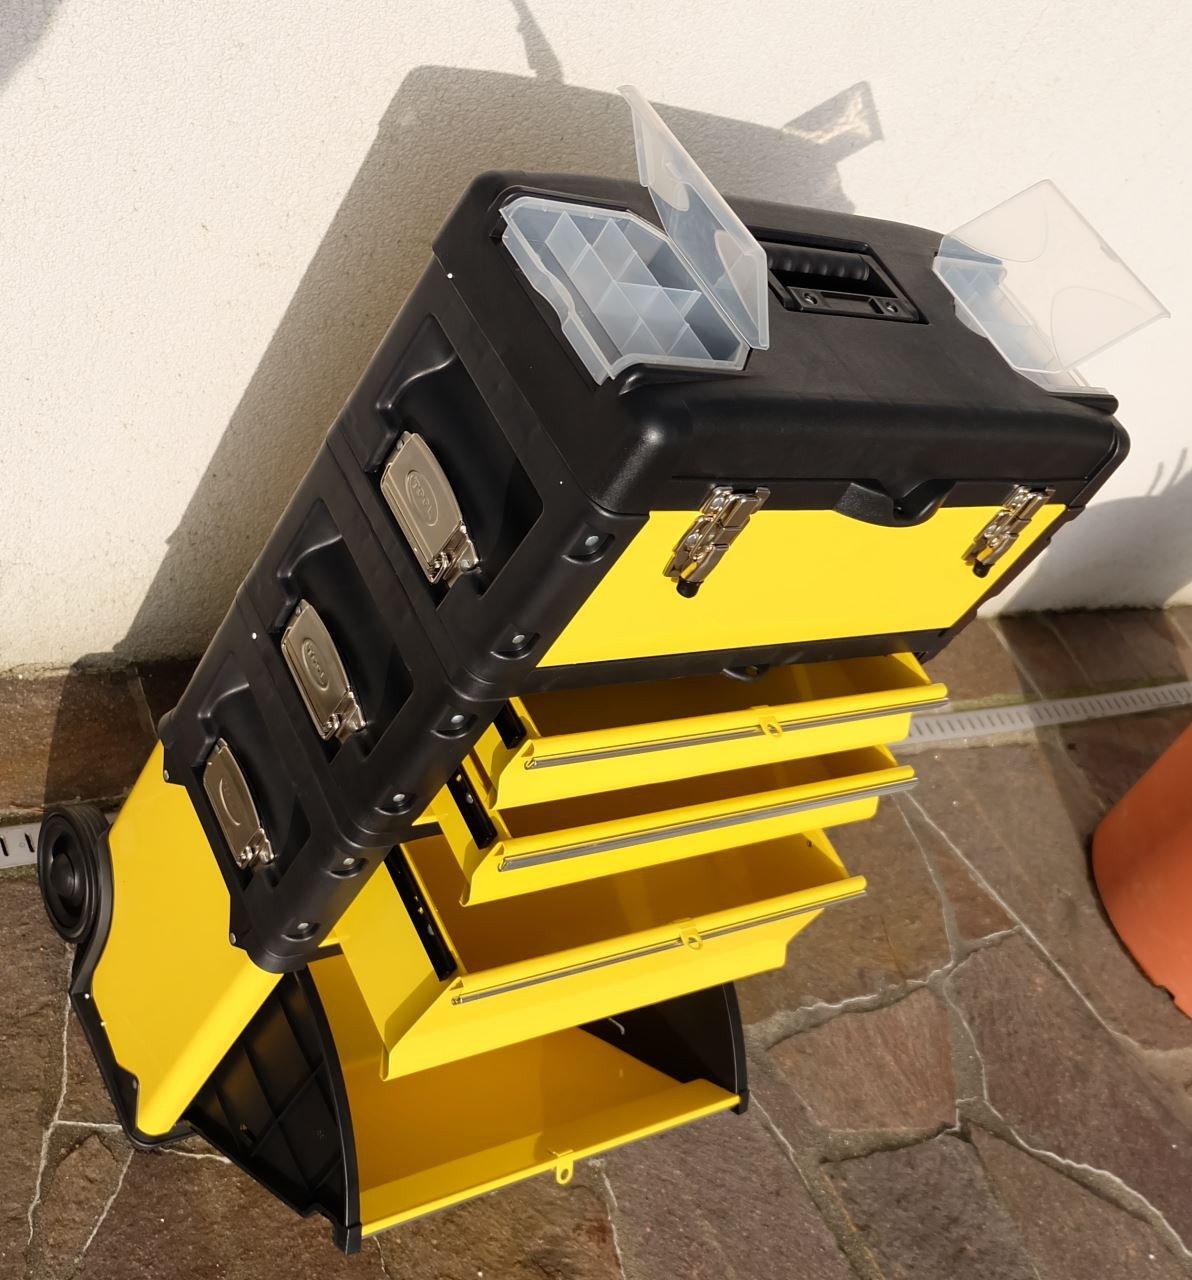 Metall Werkzeugtrolley Werkzeugkasten Werkstattwagen XXL Type B305AD von ASS  BaumarktKundenberichte und weitere Informationen